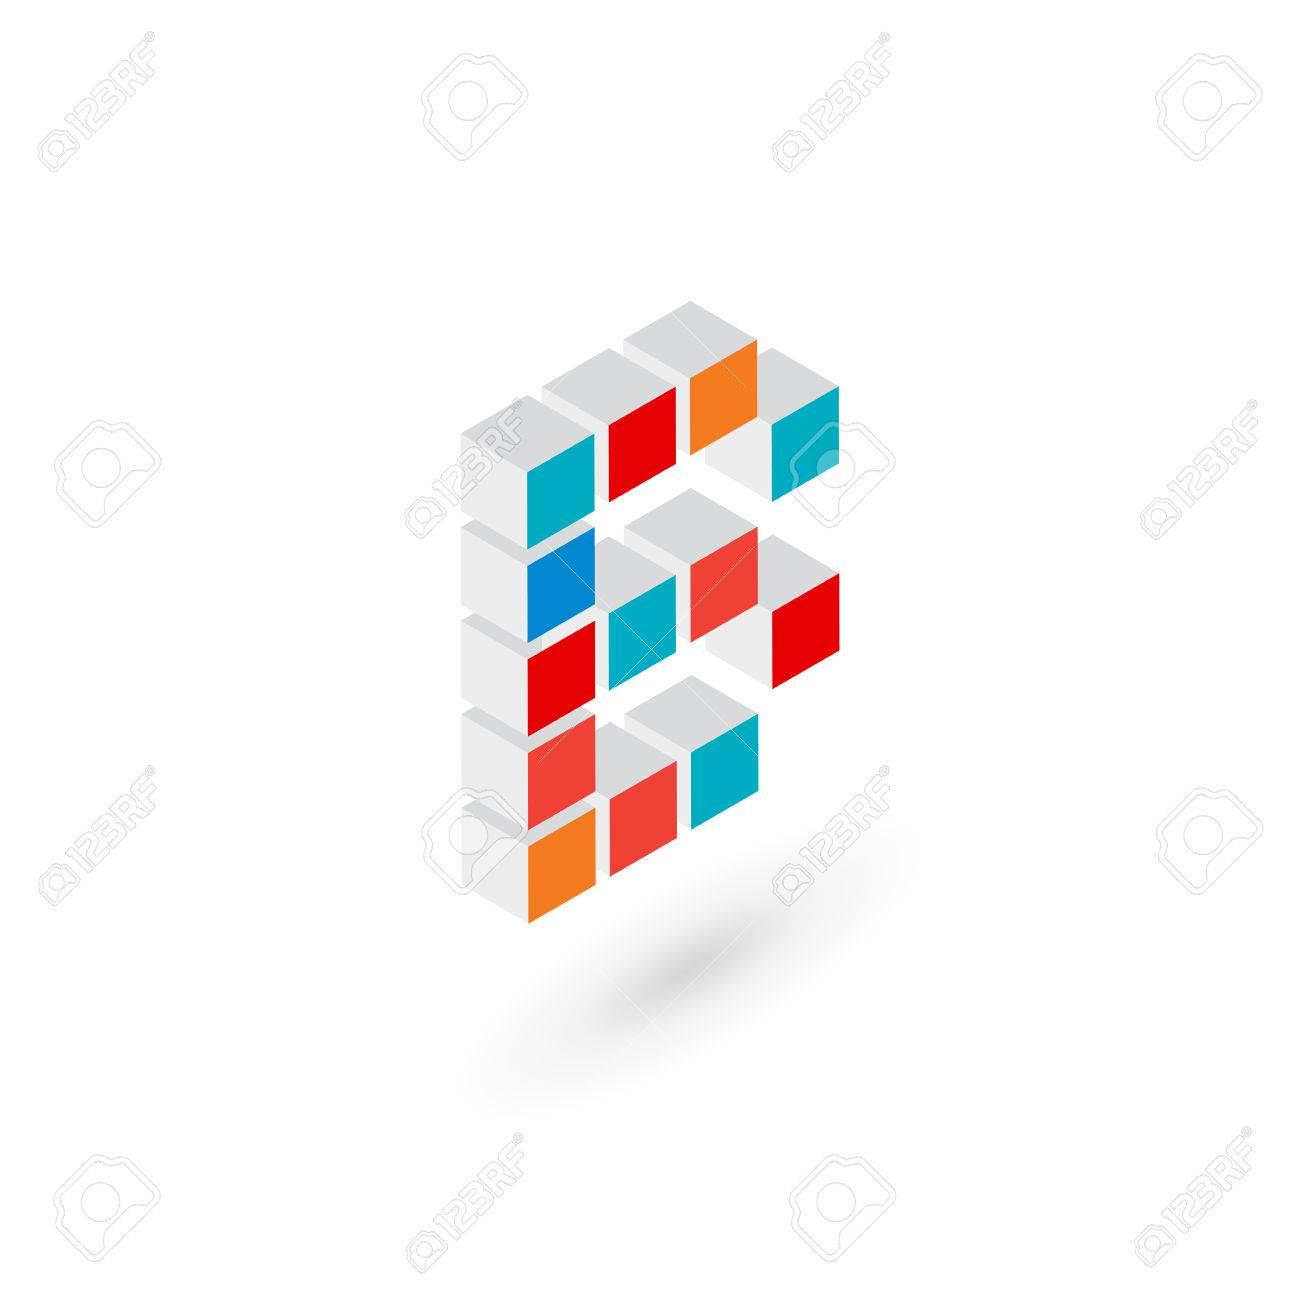 B Icono Elementos De Plantilla De Diseno De Letras Del Cubo 3d